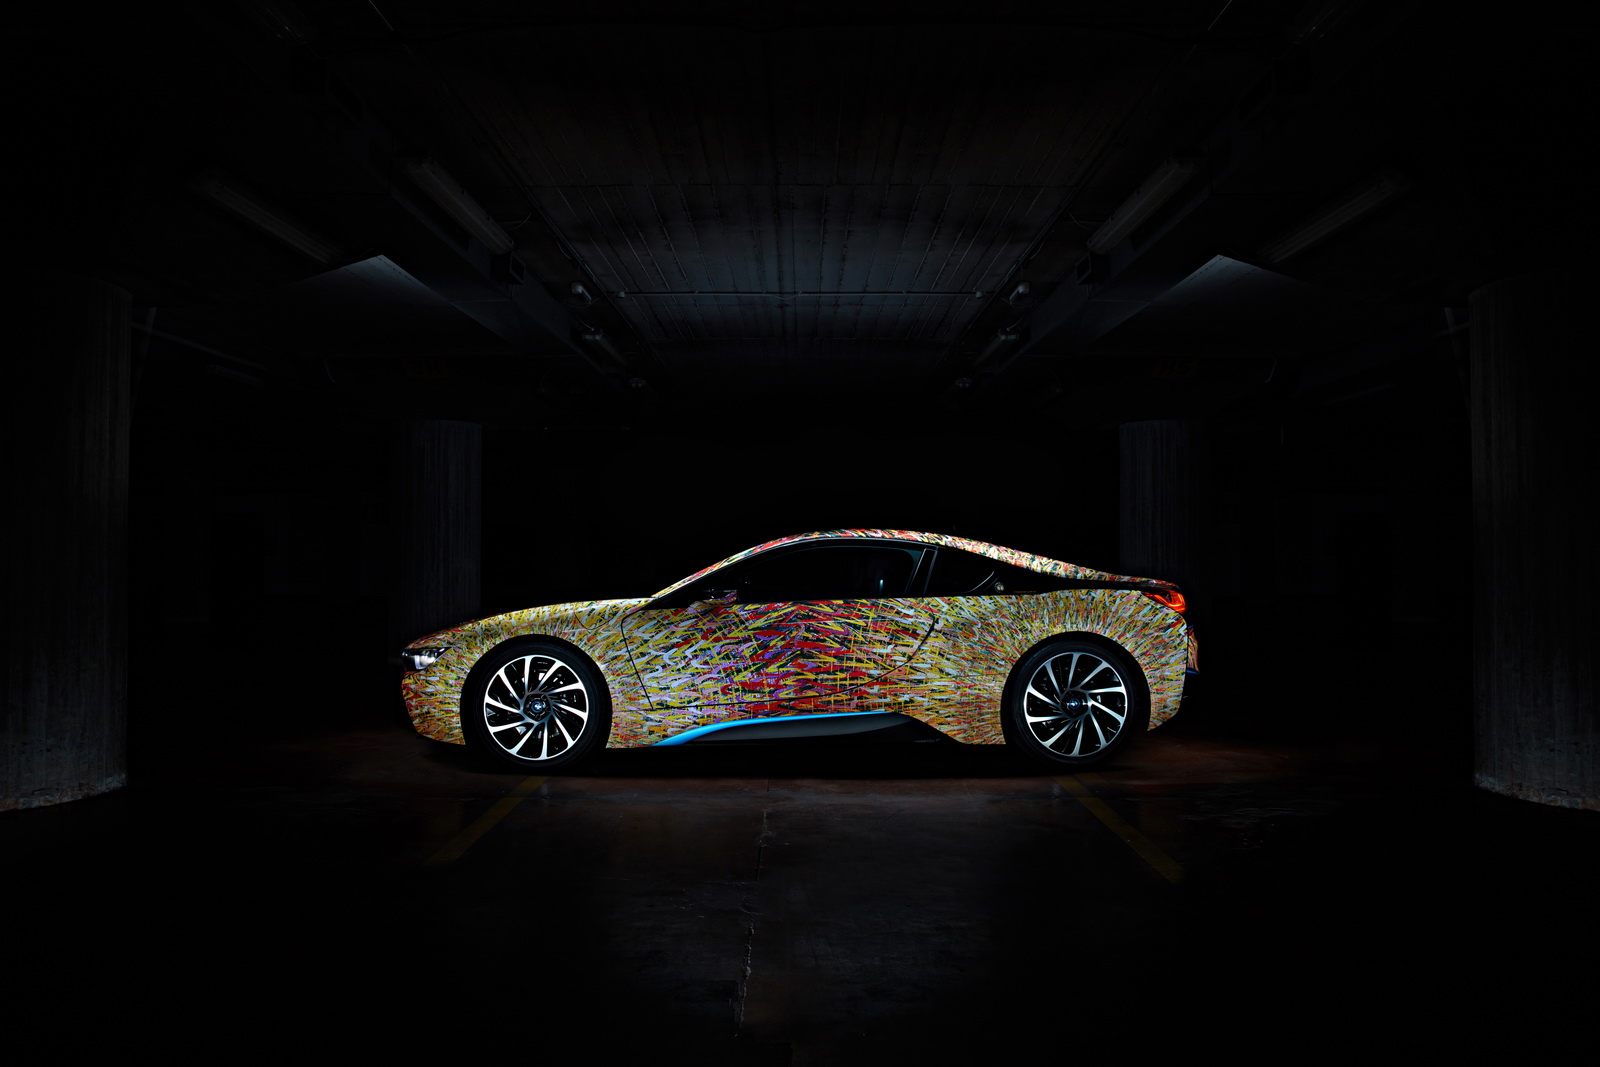 Lạ mắt với BMW i8 bản Futurism Edition cầu vồng